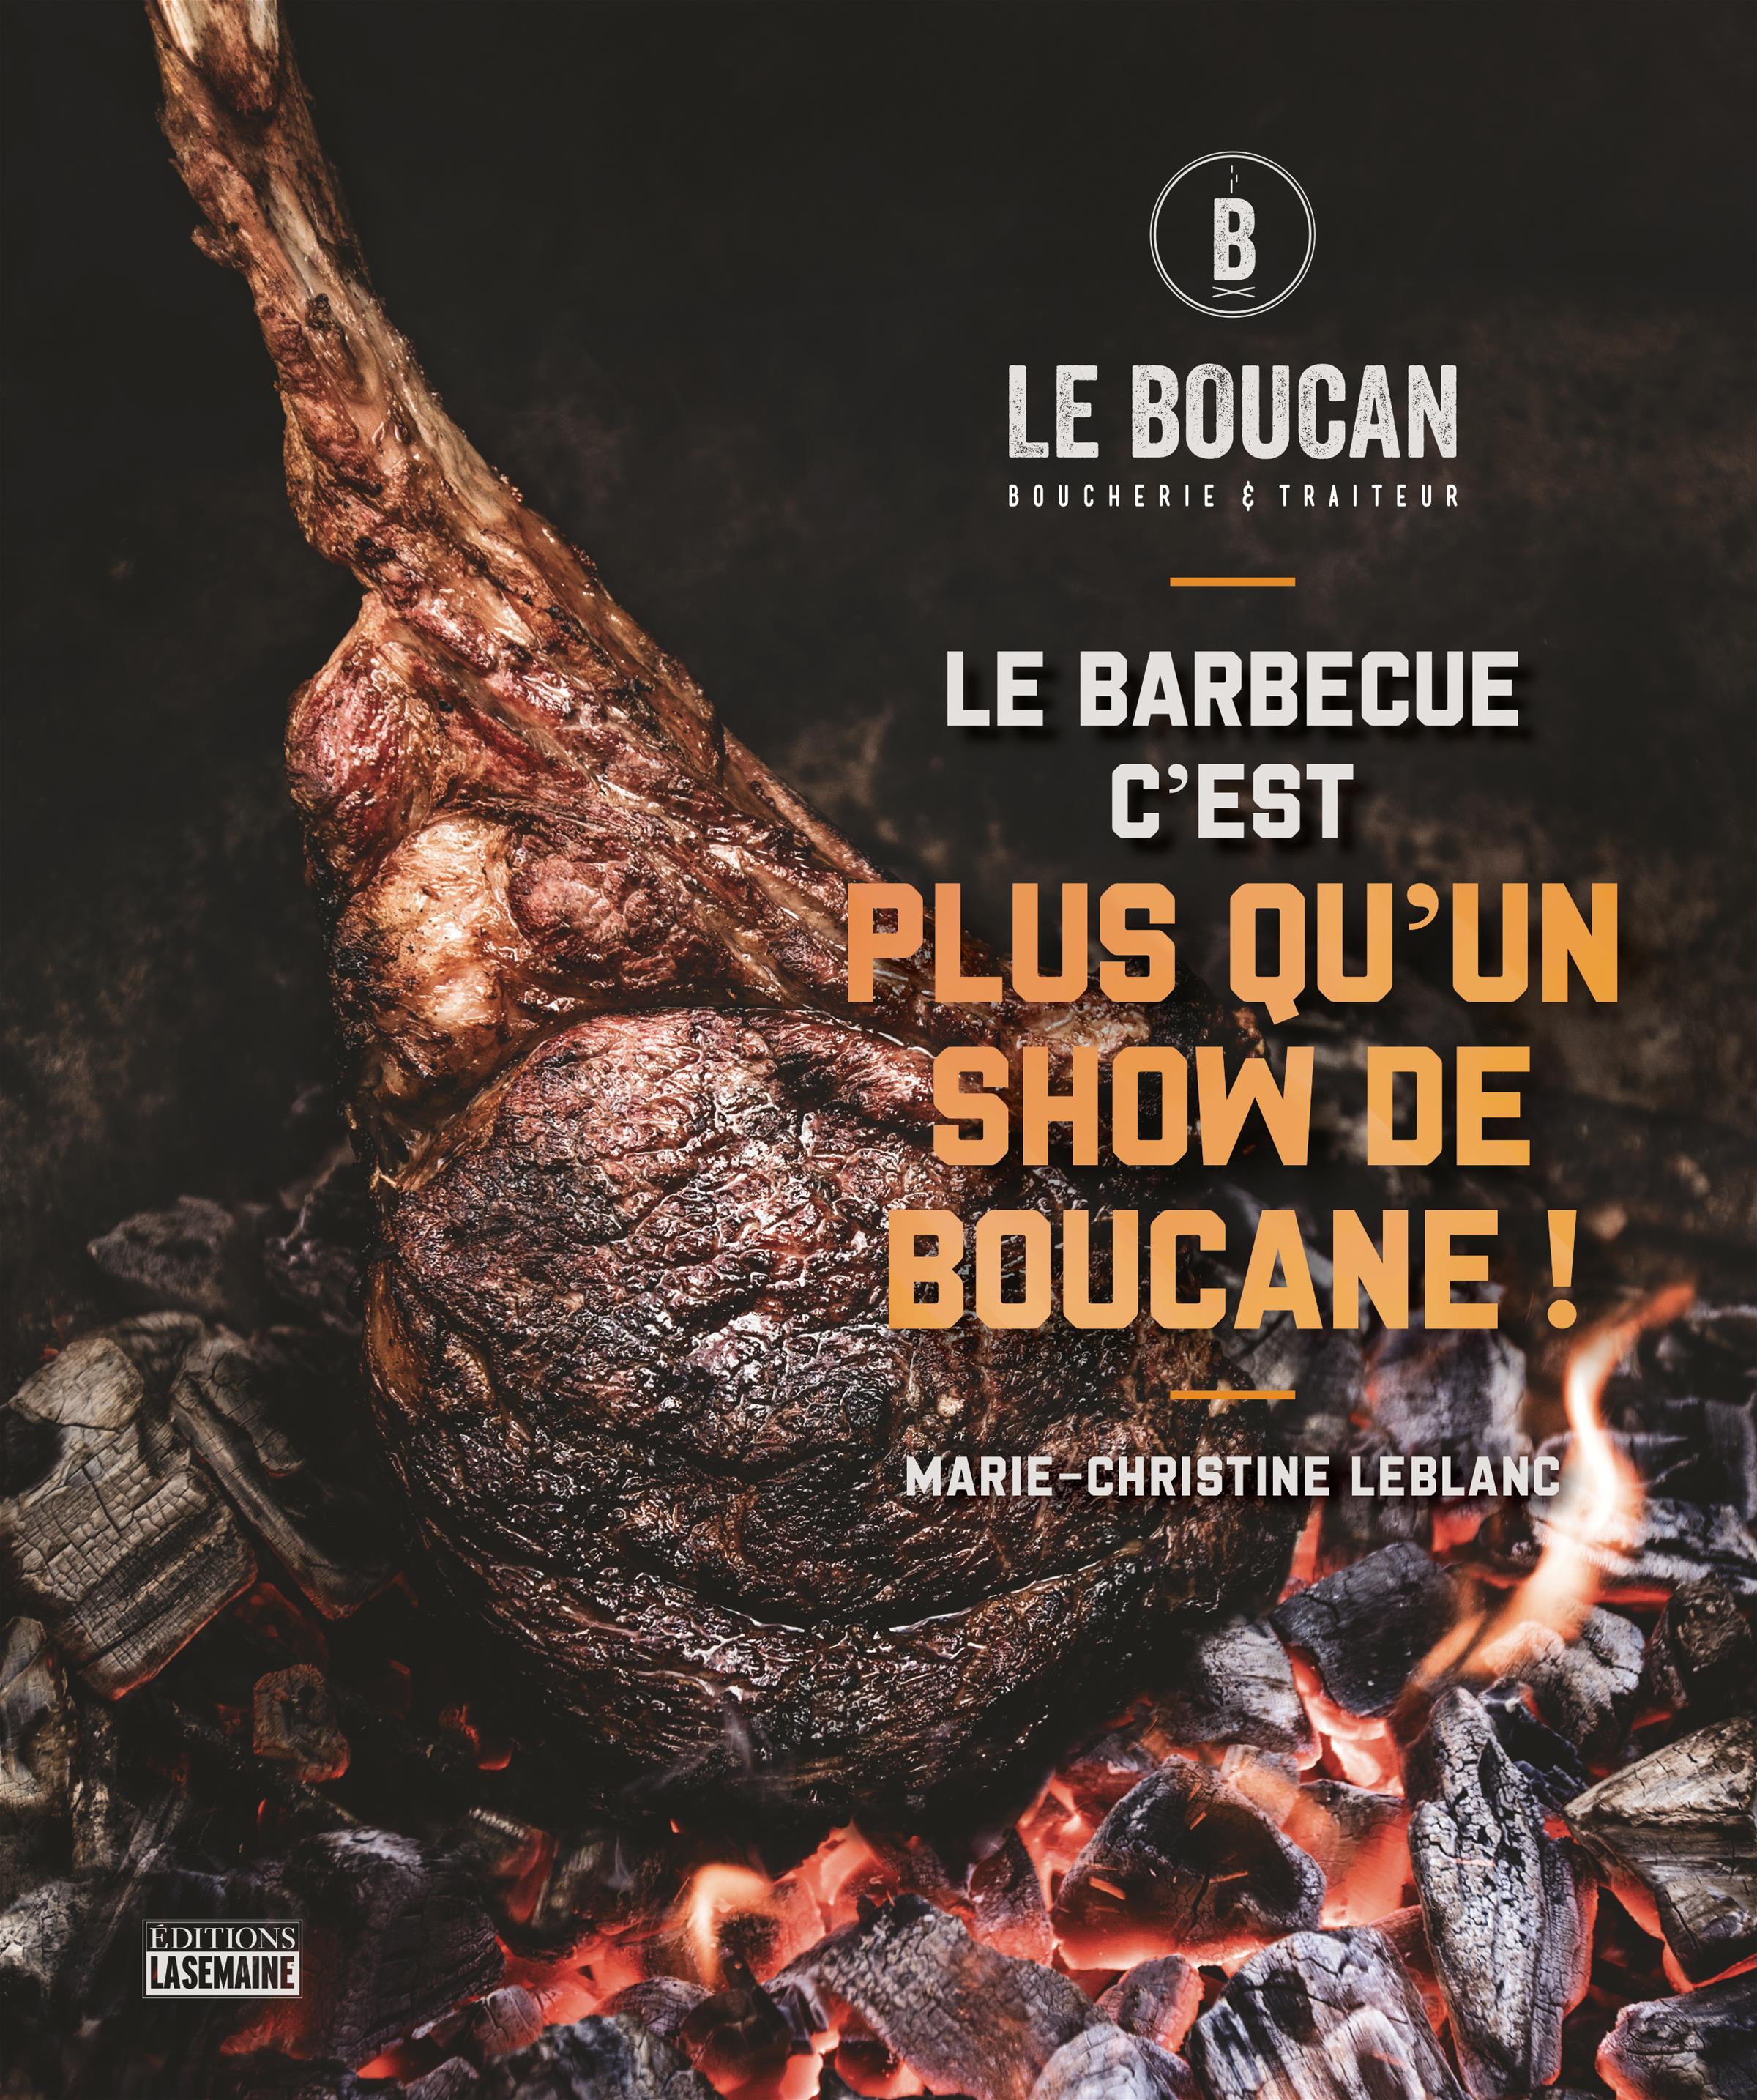 Le barbecue c'est plus qu'un show de boucane!